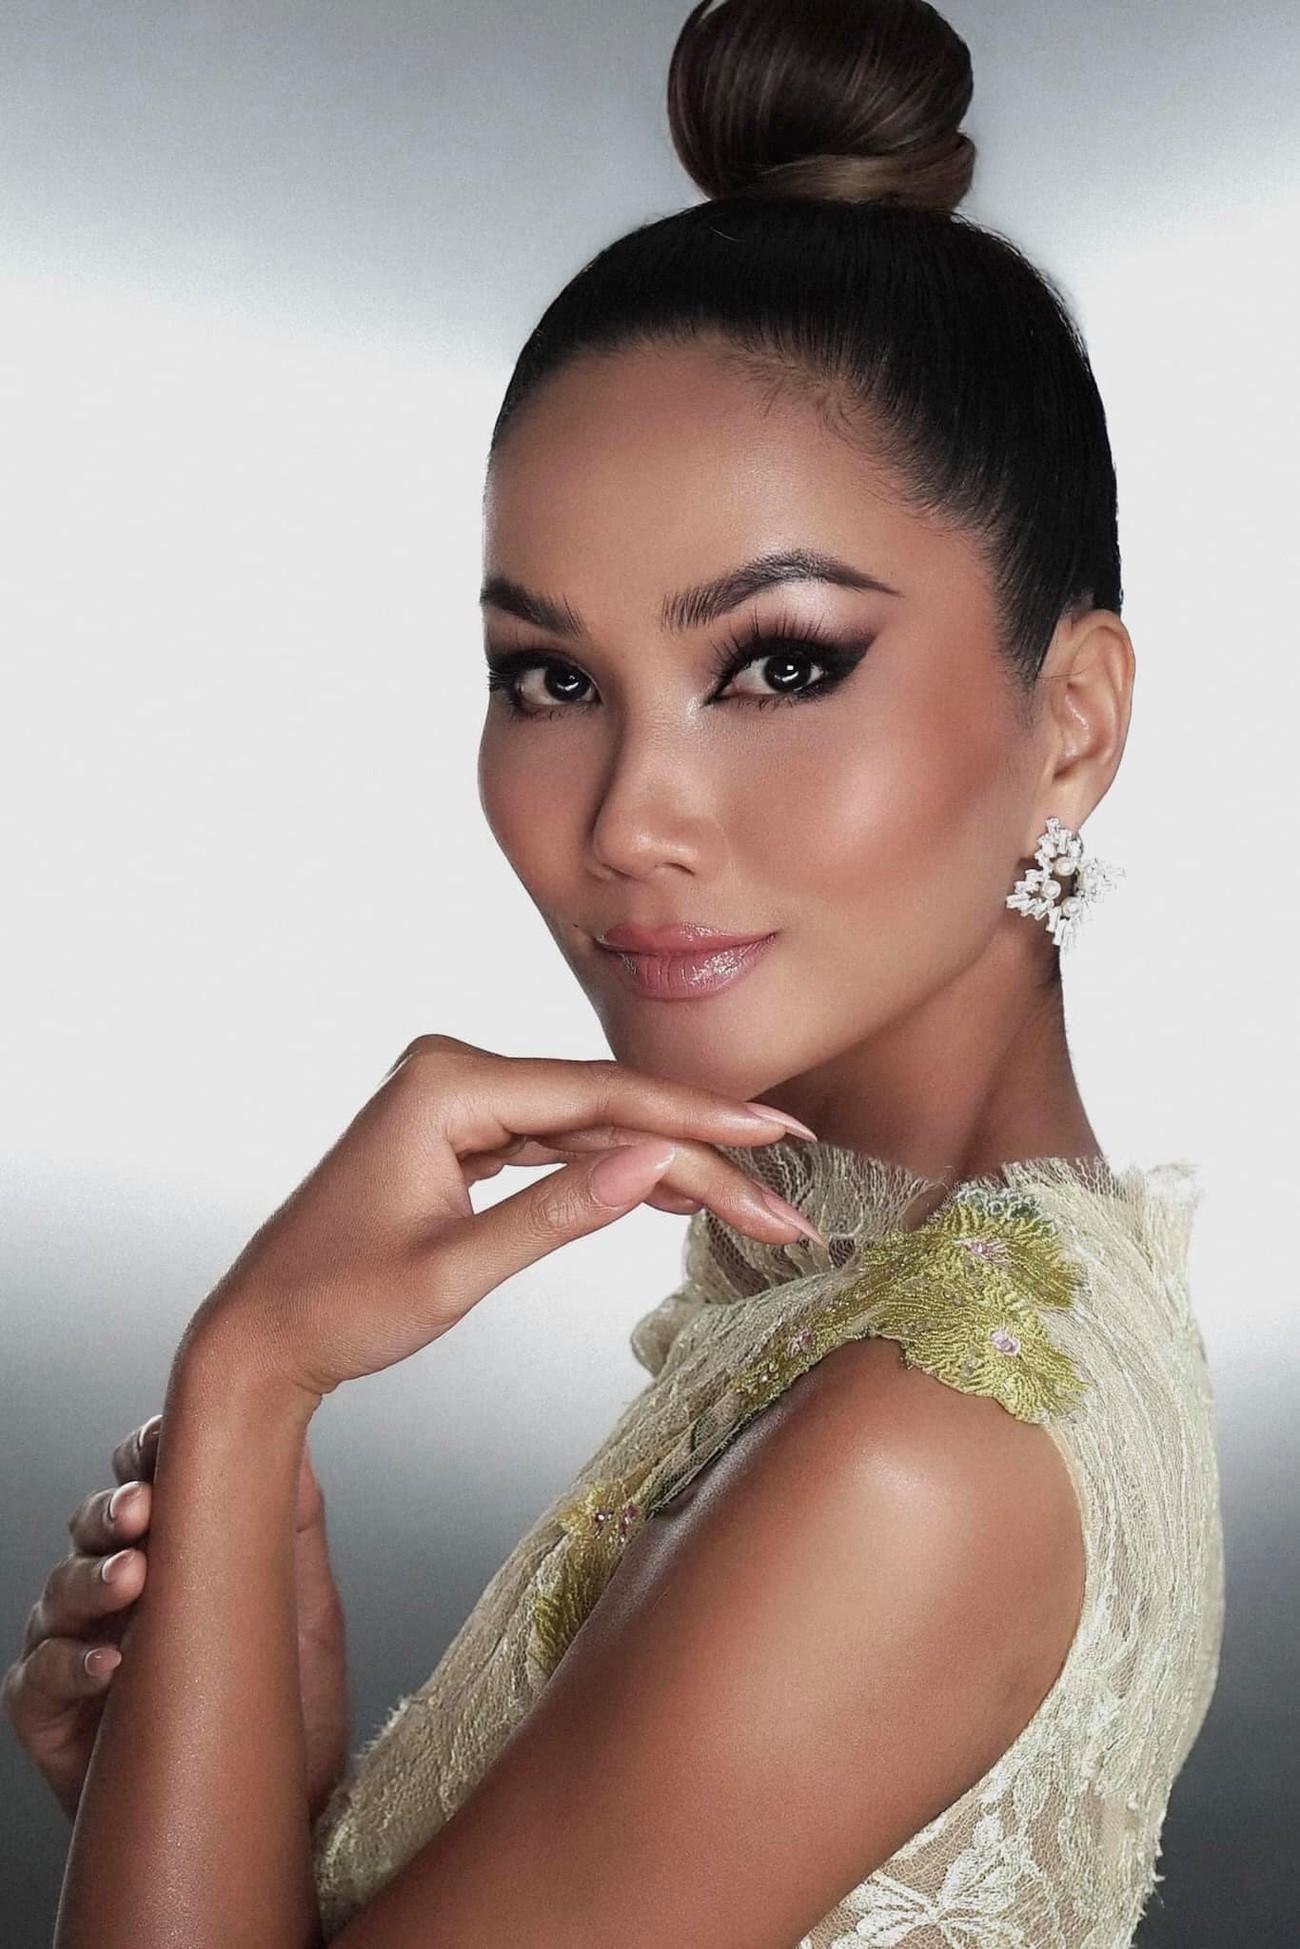 Diện lại sắc vàng từng 'gây bão' ở Miss Universe, H'Hen Niê đẹp rạng rỡ như một đóa hồng ảnh 8